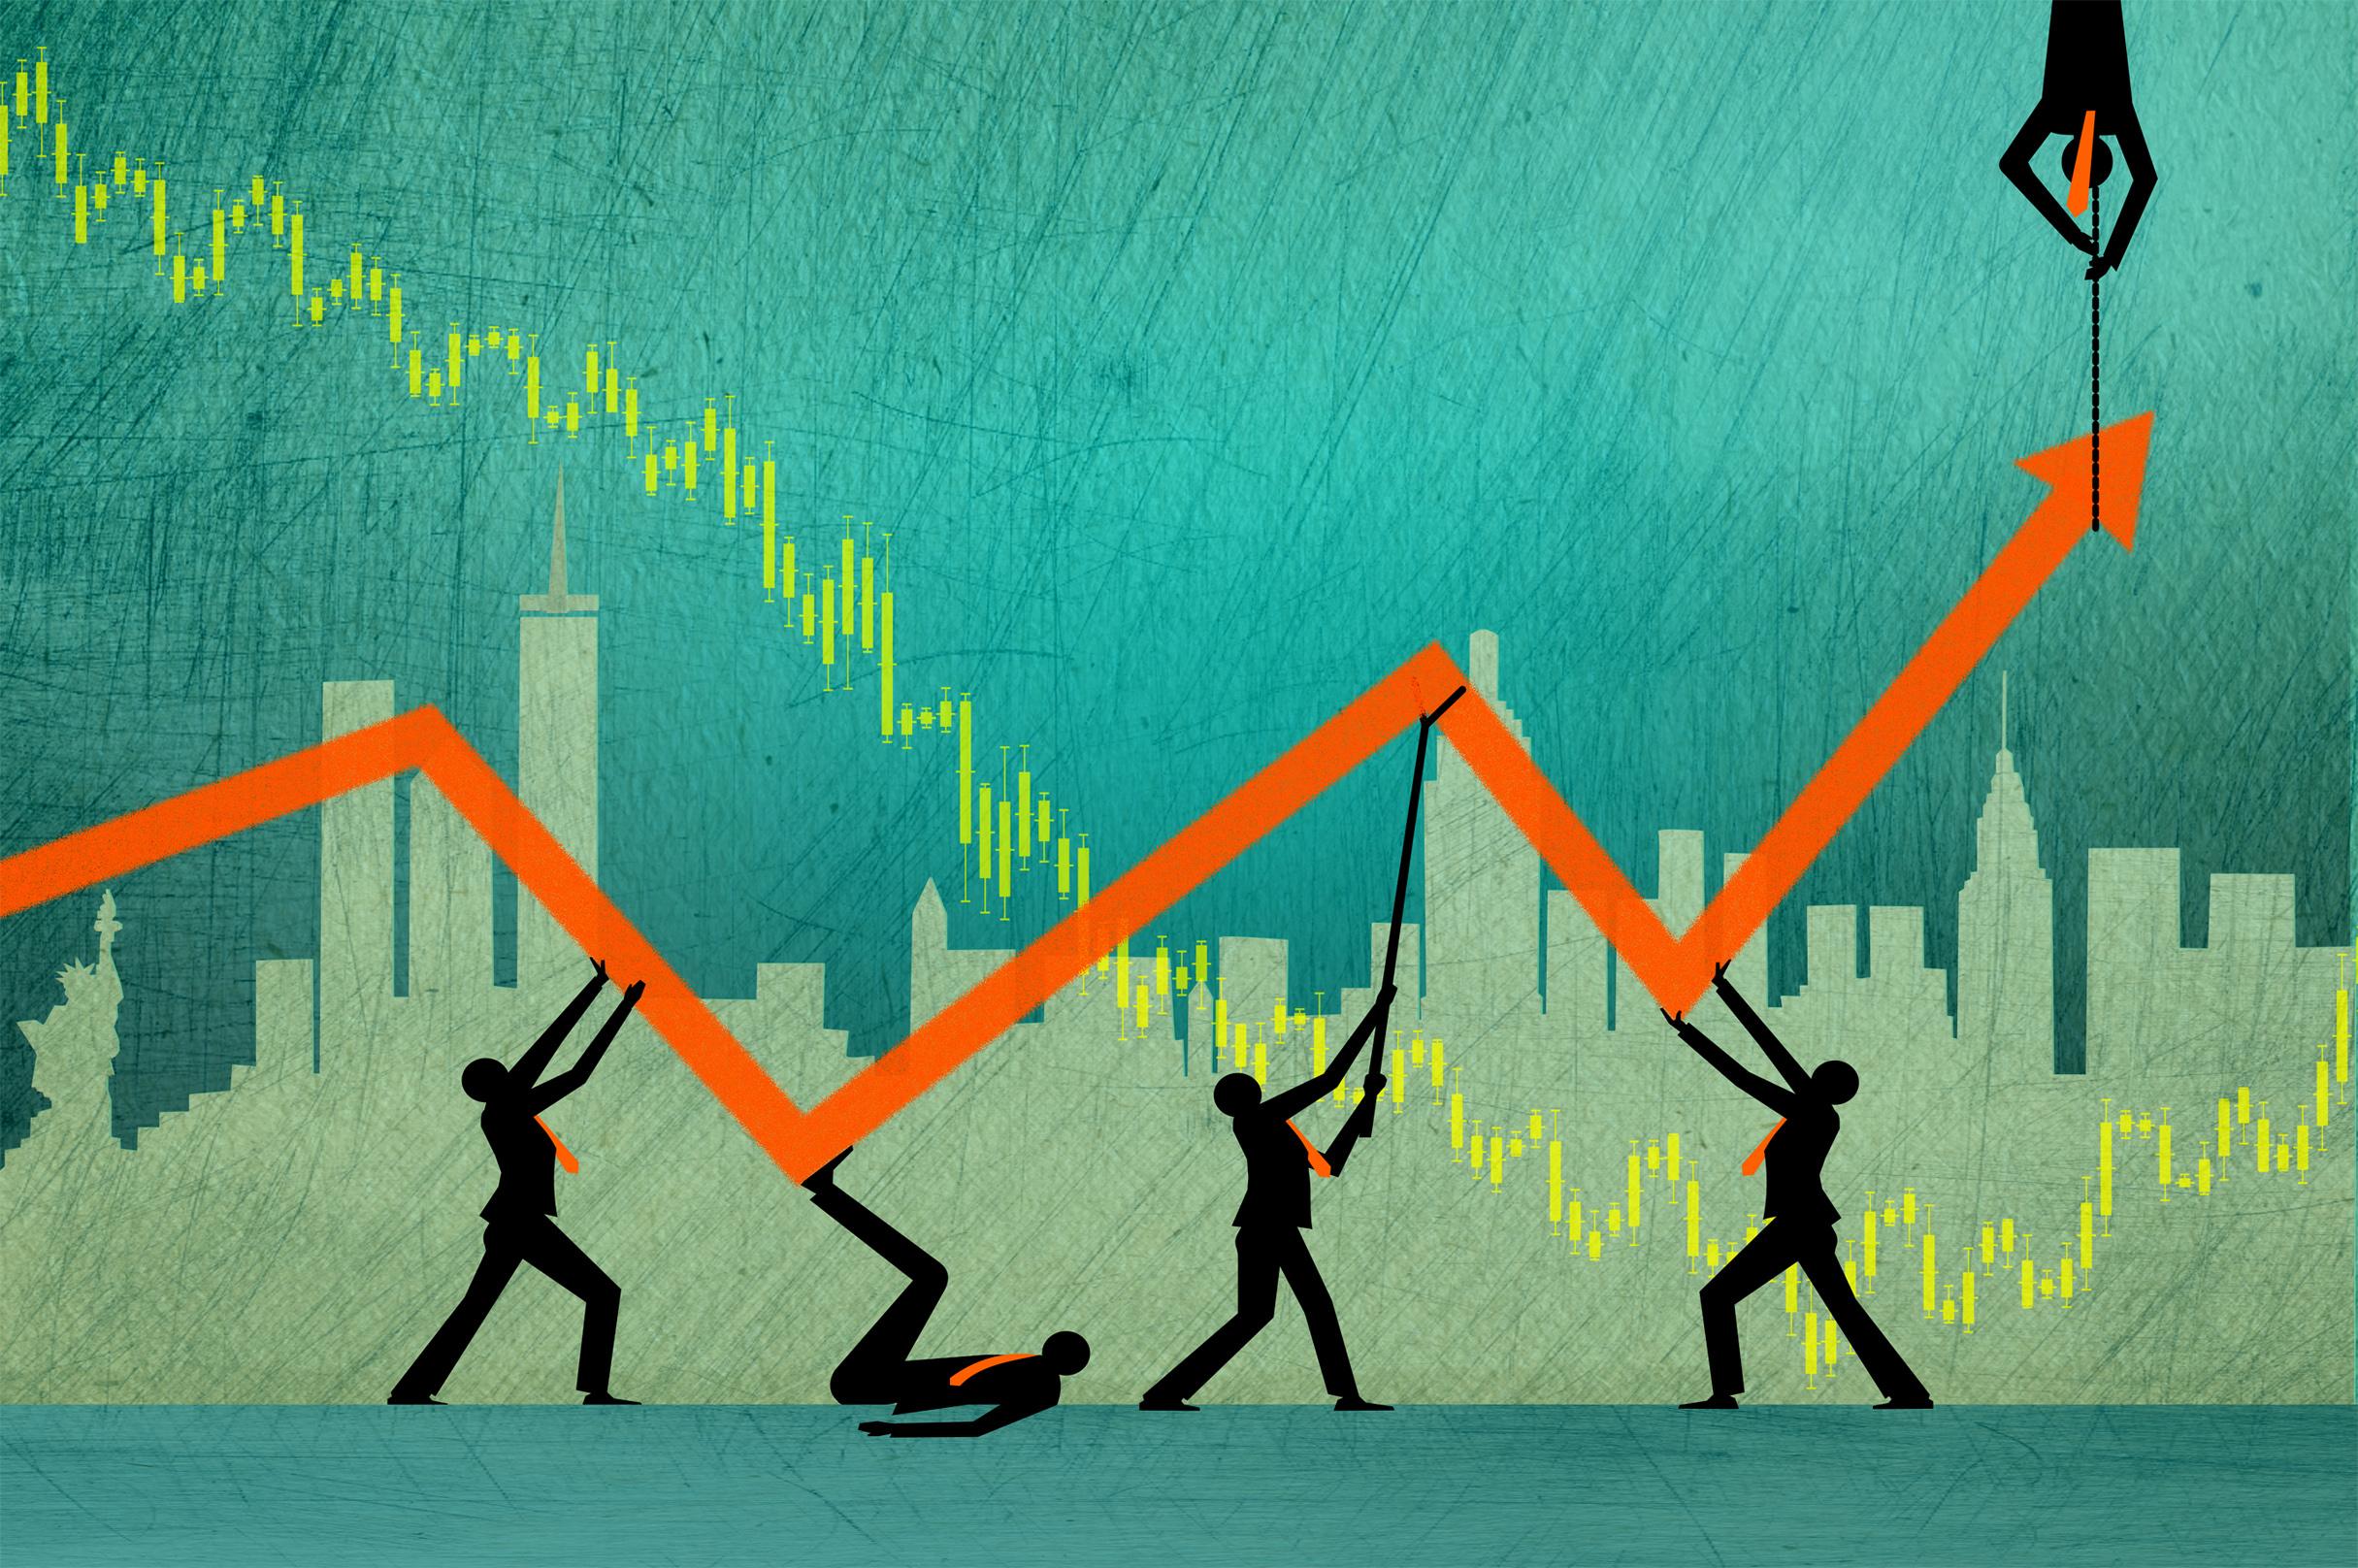 The search for profit when markets are volatile photo